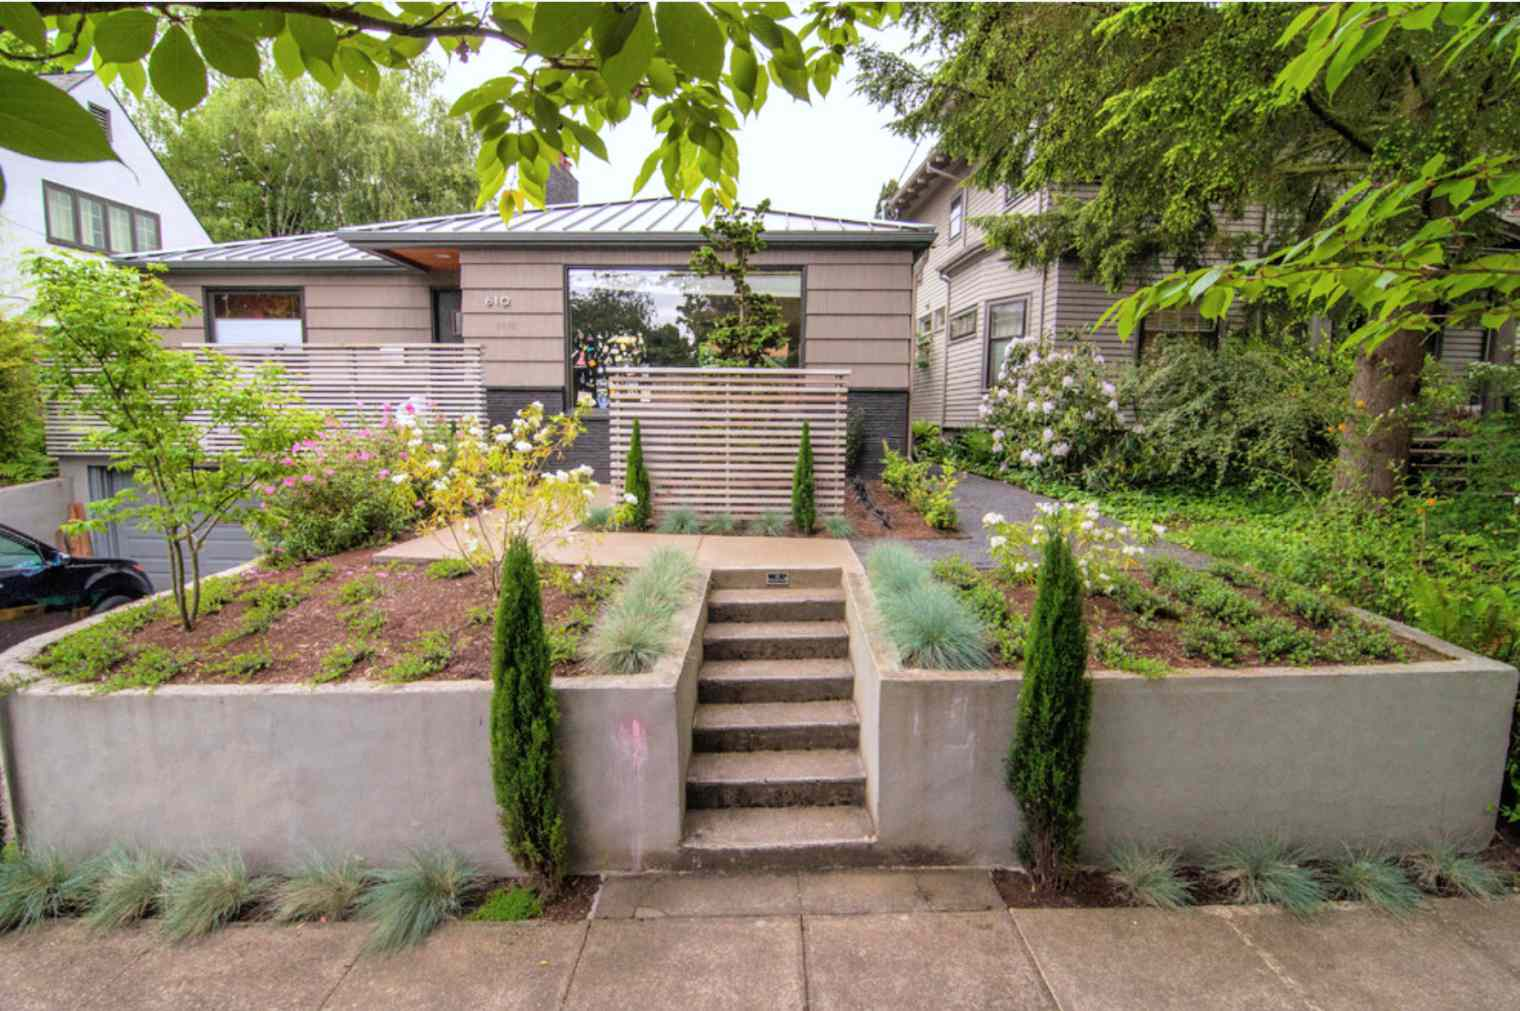 diseño de jardín moderno de mediados de siglo